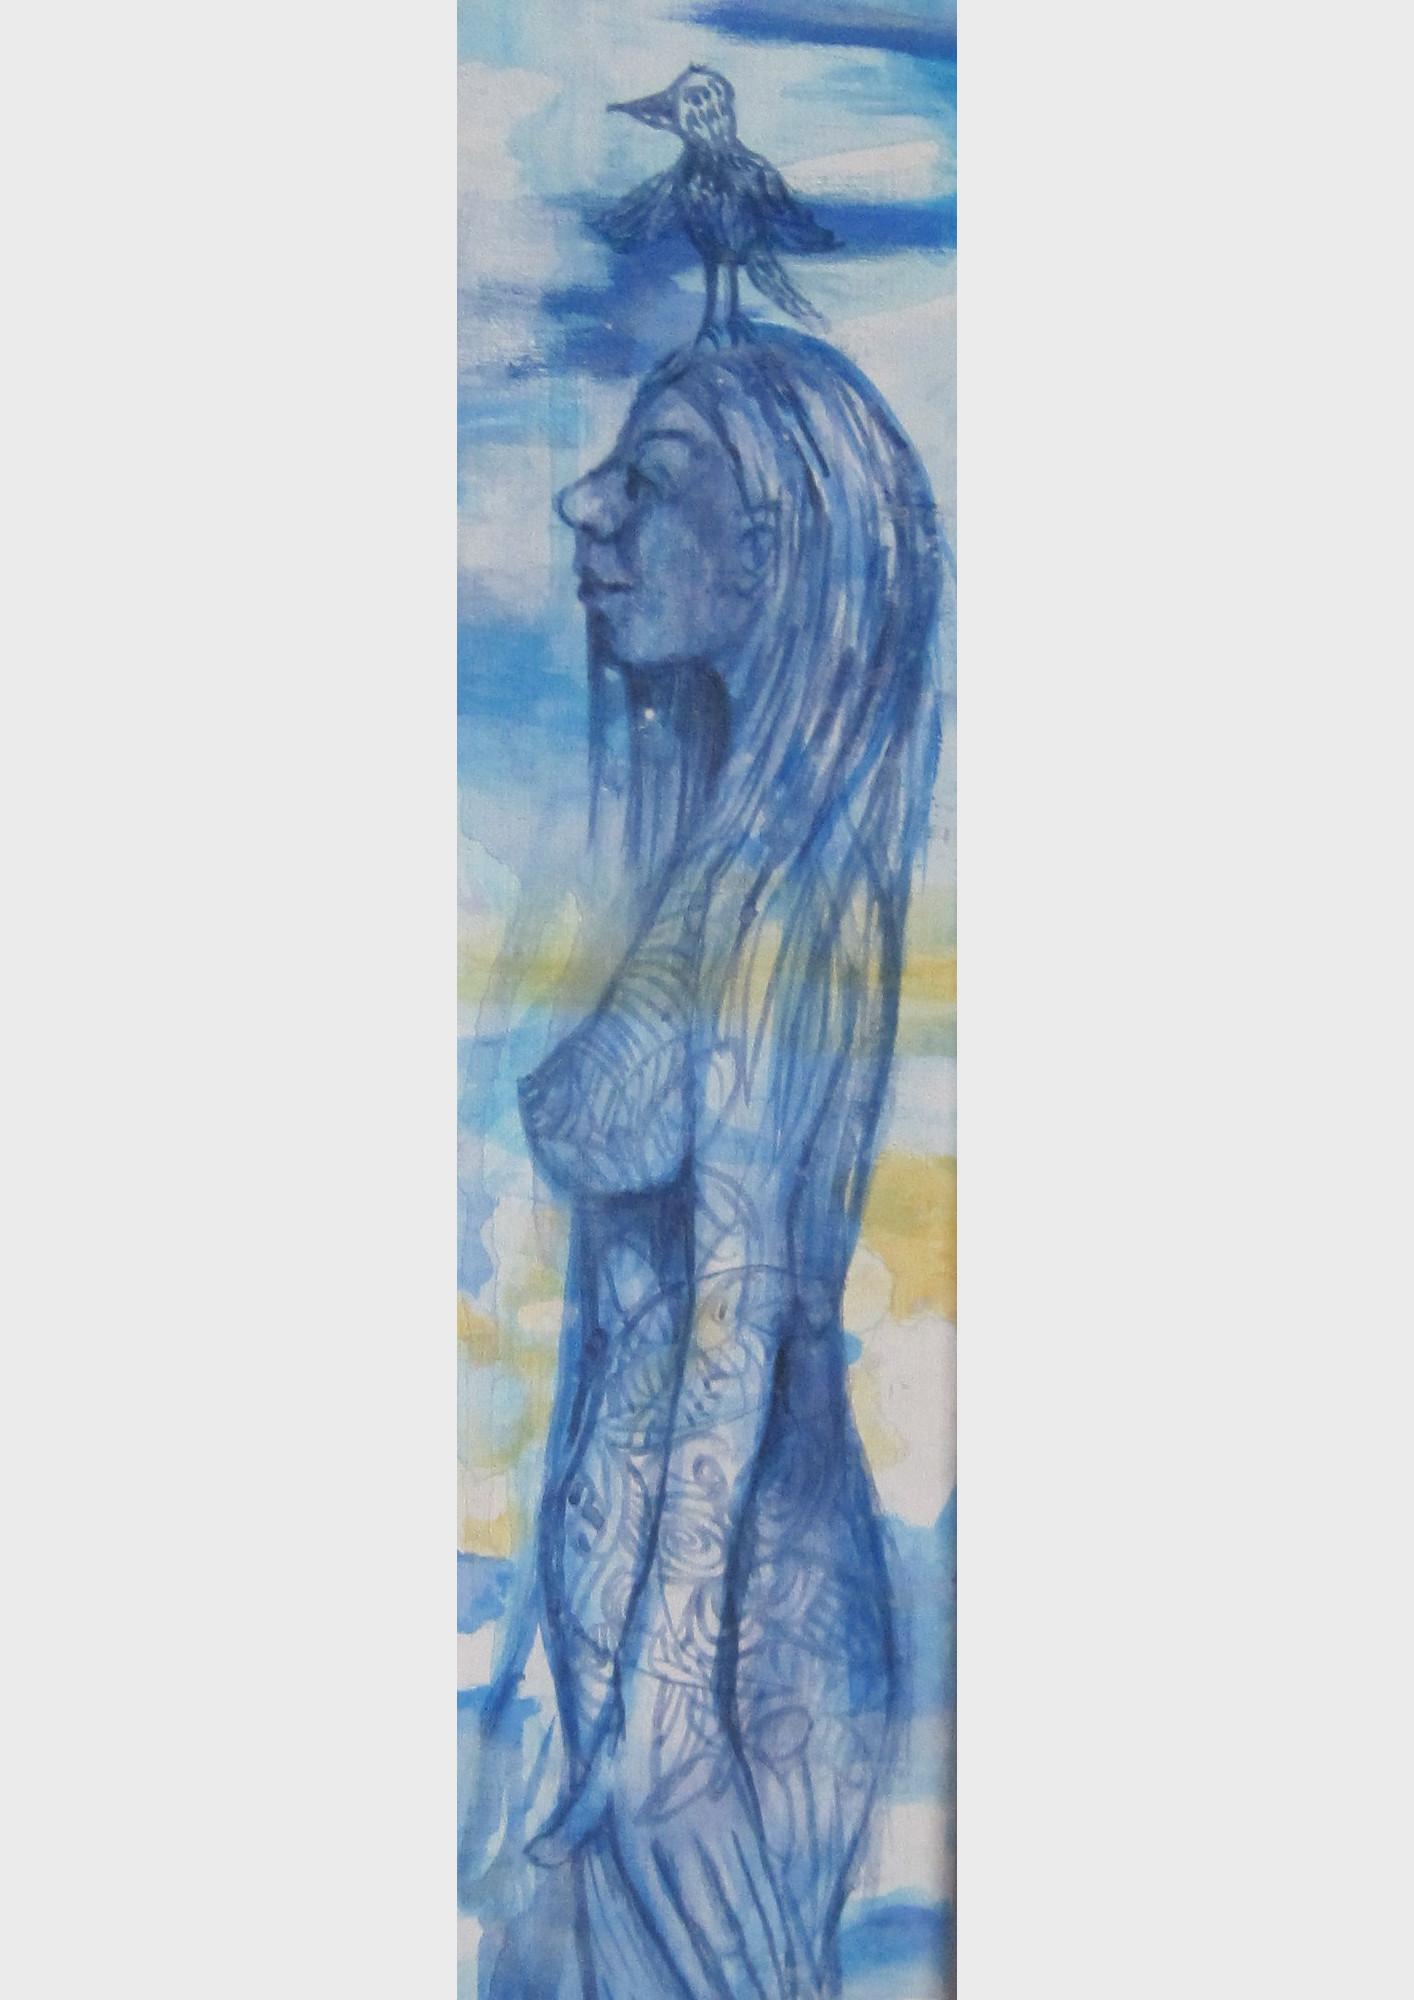 Den Kopf in den Wolken. Sie hat einen Vogel. Eine traumhaft verträumte Frauen Figur gleitet durch den blauen Wolkenhimmel aus Acrylfarbe. Sie schwebt durch das Reich der Phantasie. Ein blaues Bild der Nürnberger Künstlerin Dorothea Koch.